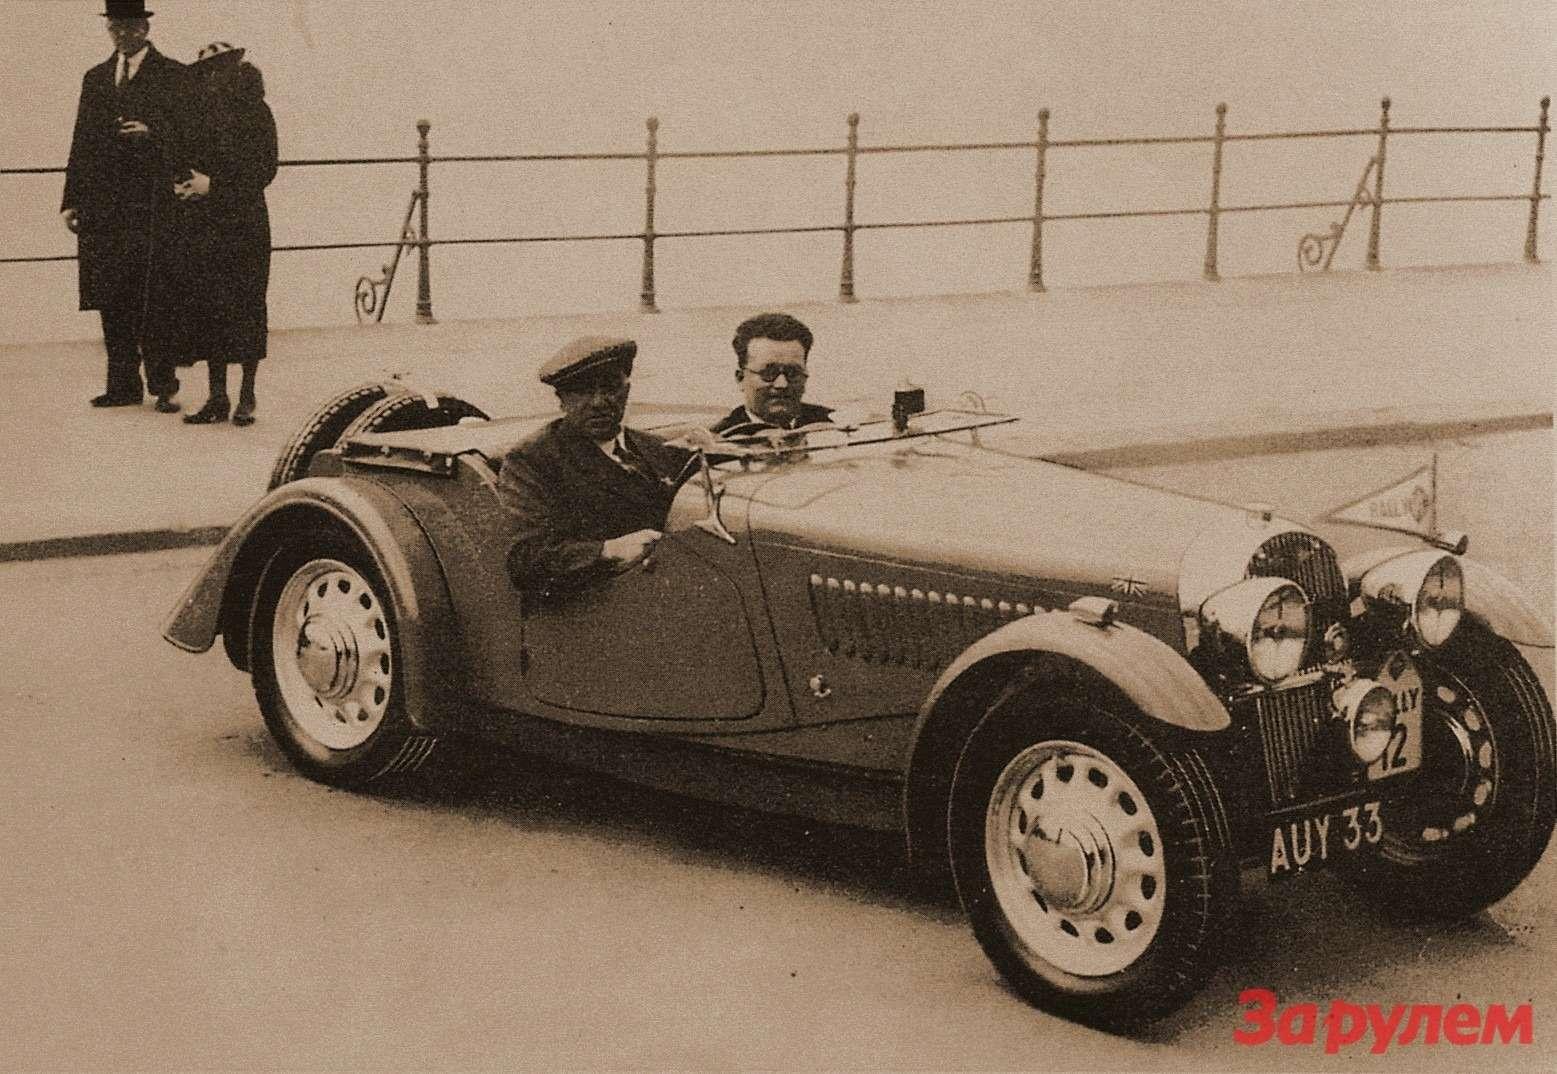 Какуверяли злые языки, в1936 году компания Morgan принялась делать четырехколесные автомобили (наснимке первая такая модель, 4/4) поскольку проверенный поставщик, завод JAP, прекратил выпуск V-образных 2-цилиндровых моторов. Разумеется, настоящая причина крылась вином— время трехколесок прошло. Впрочем, сегодня Morgan выпускает реплику трехколесного автомобиля